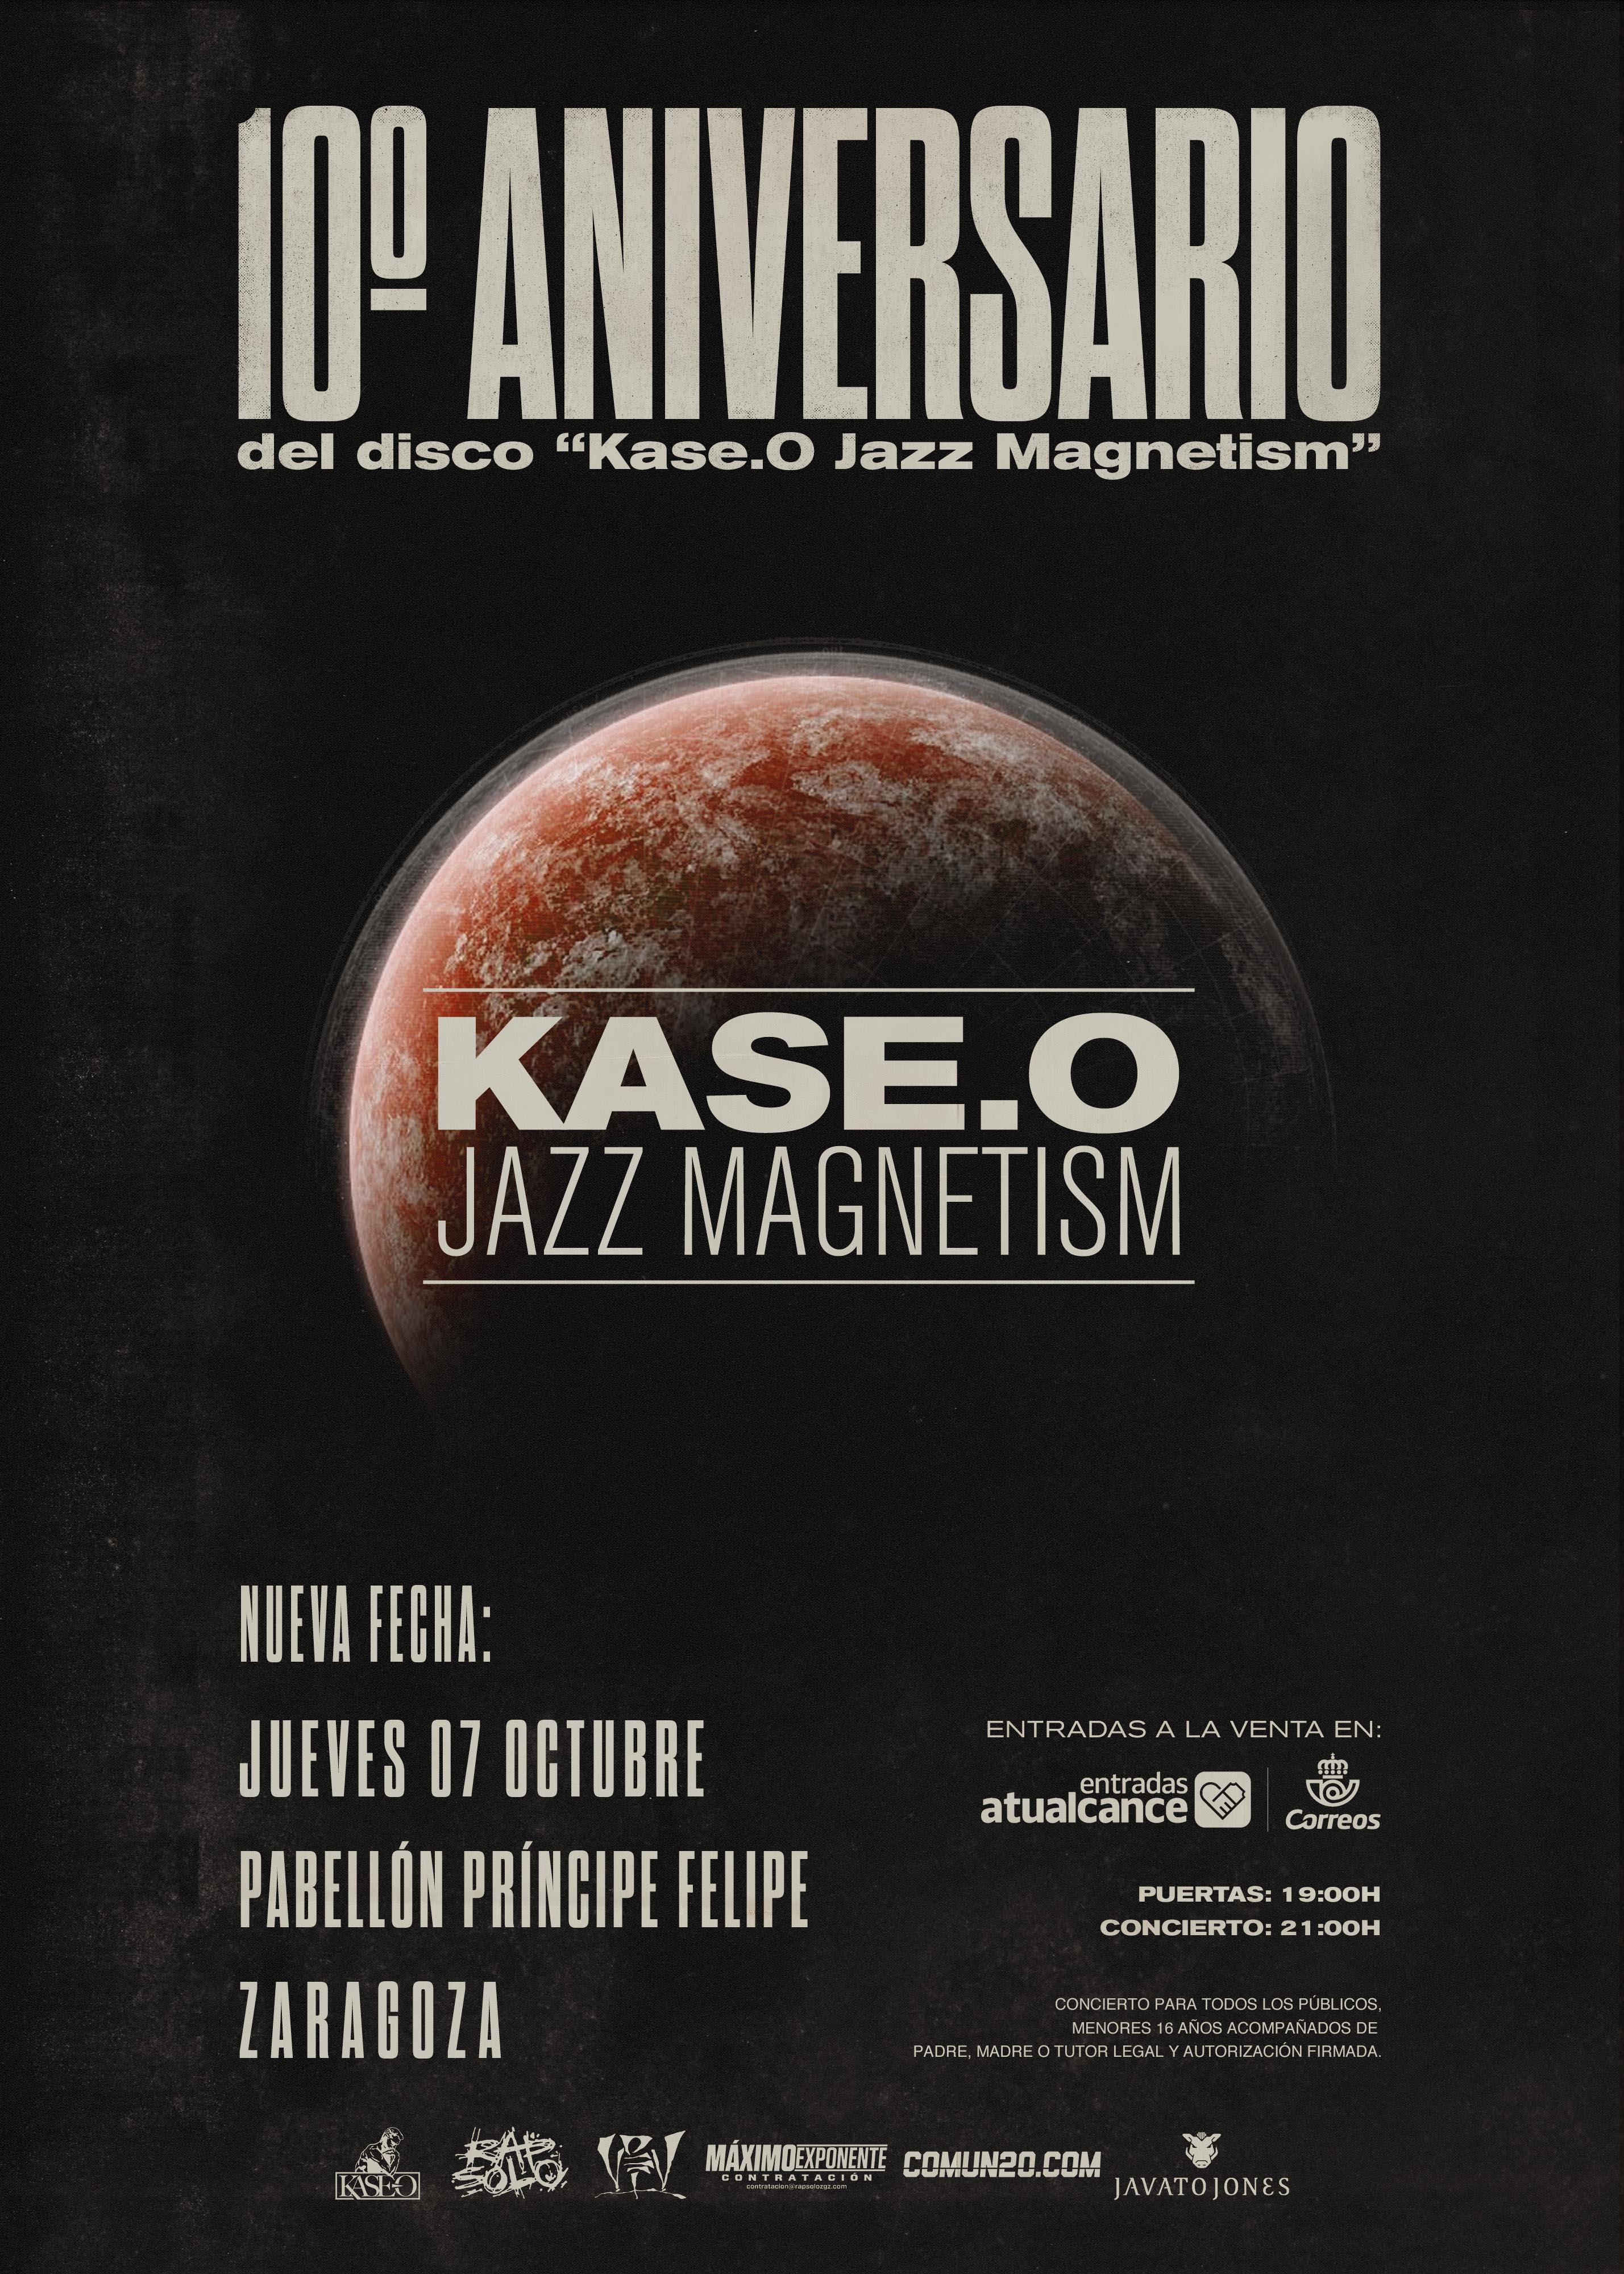 2a-fecha-kase-o-jazz-magnetism-10o-aniversario-del-disco-kase-o--612e66b631a722.07851178.jpeg